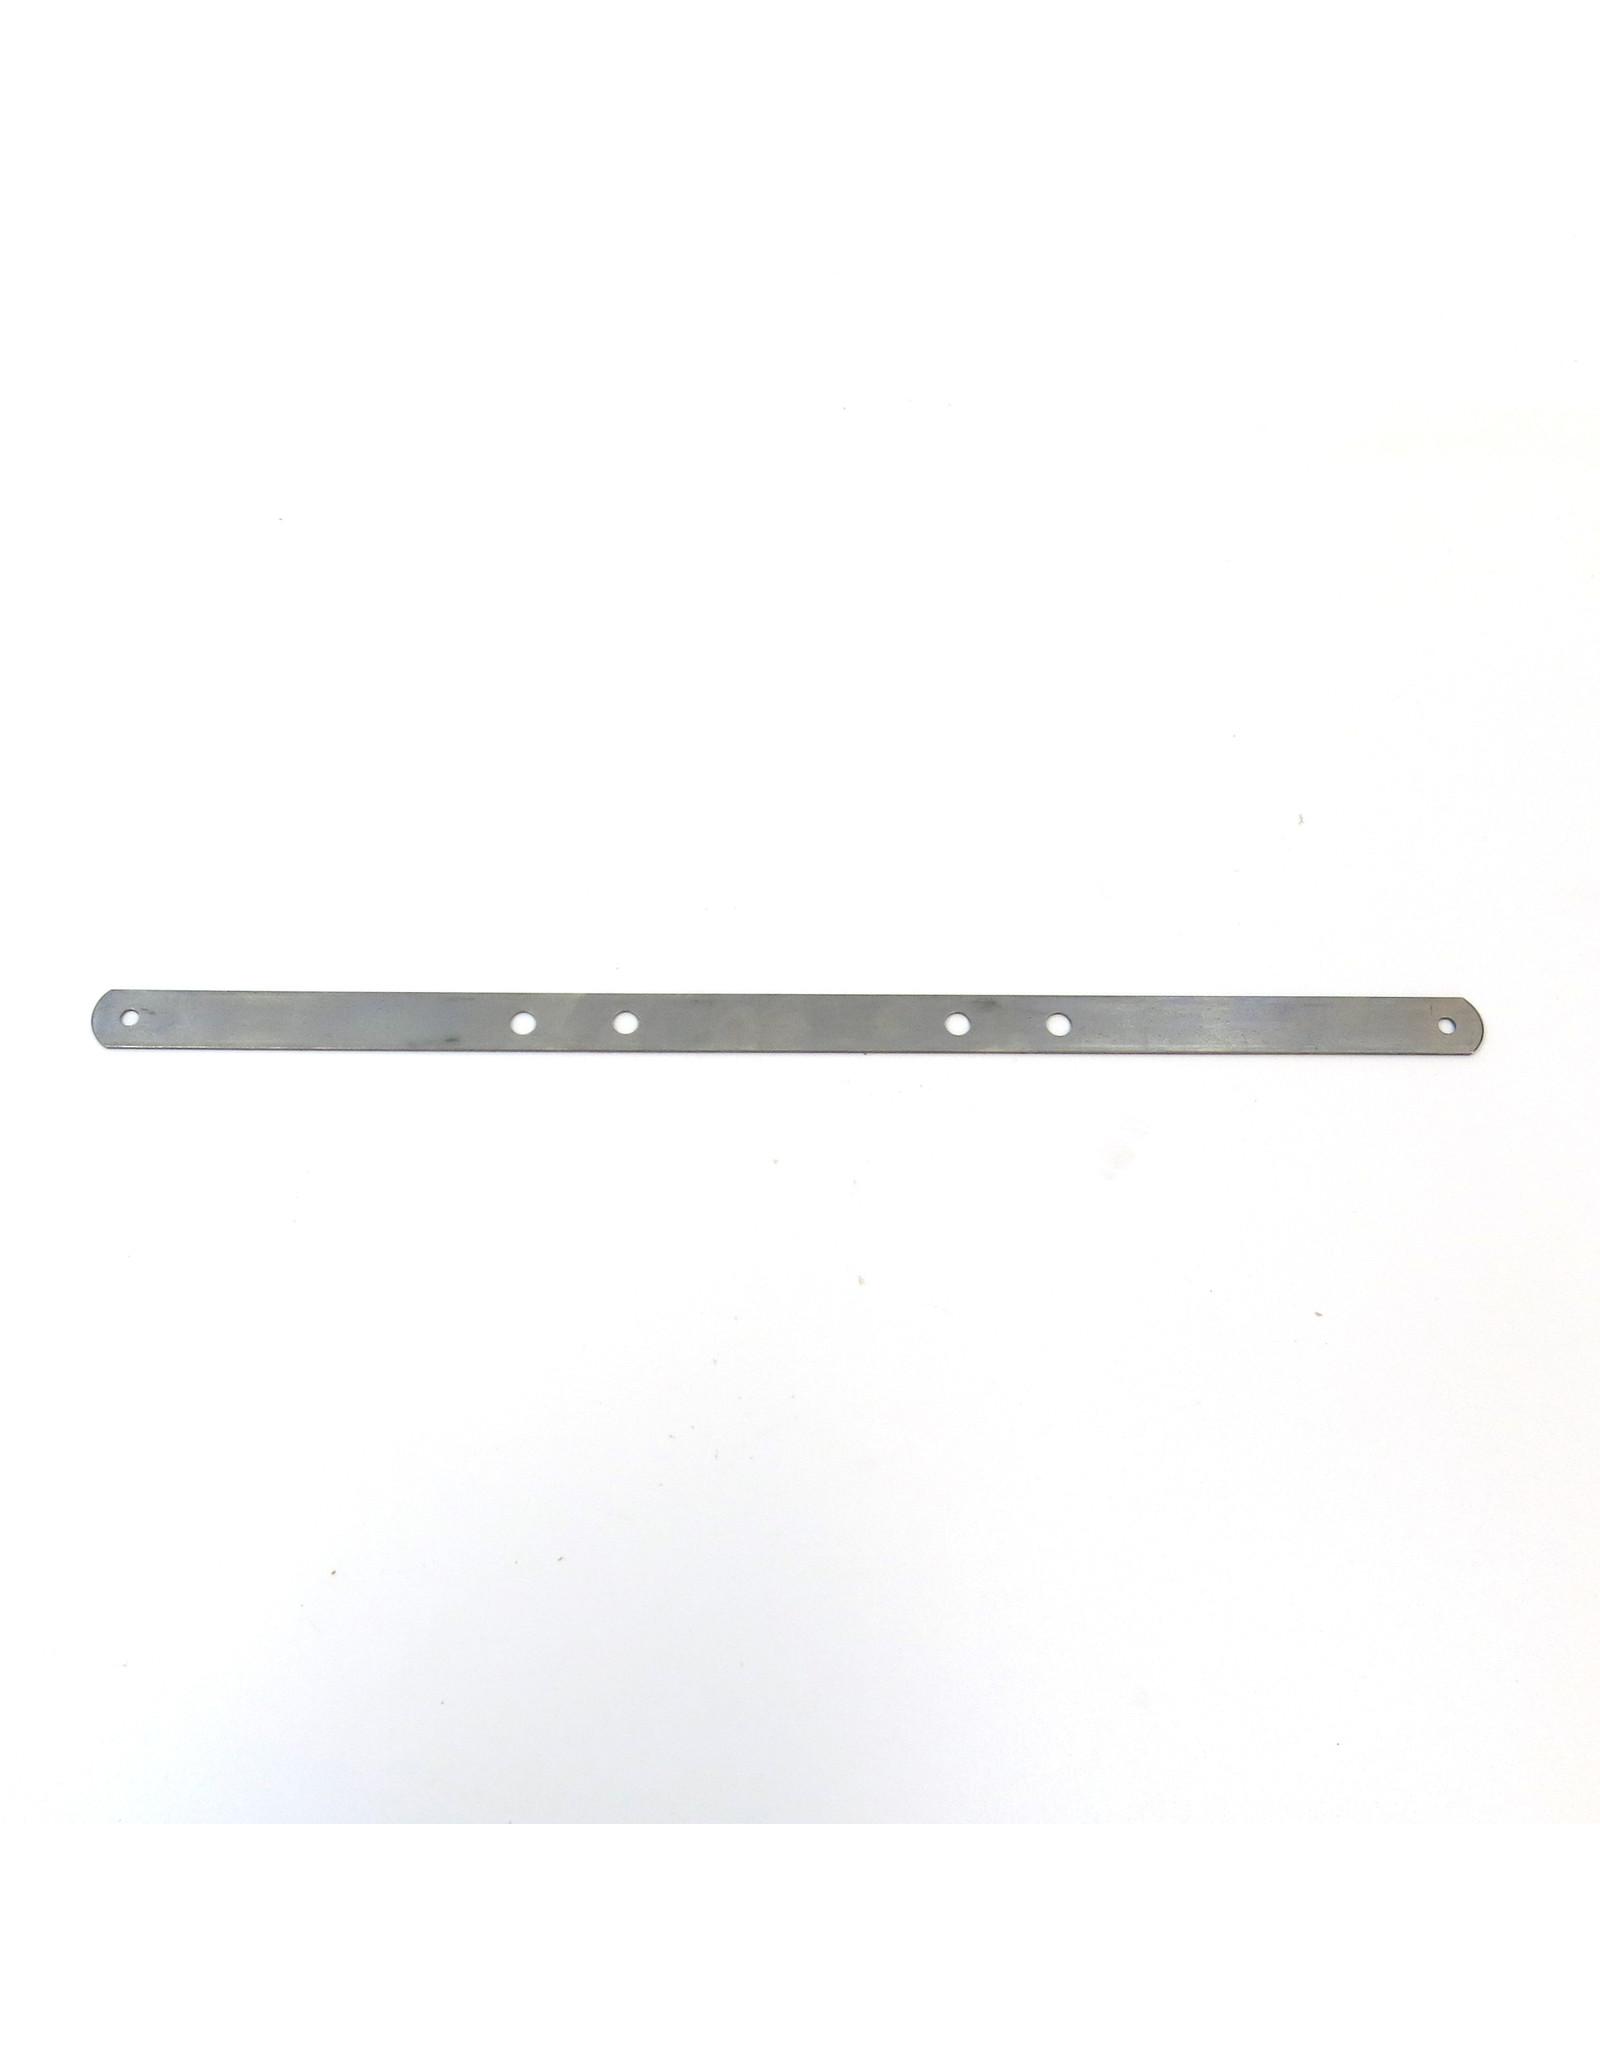 Reinforcement bar